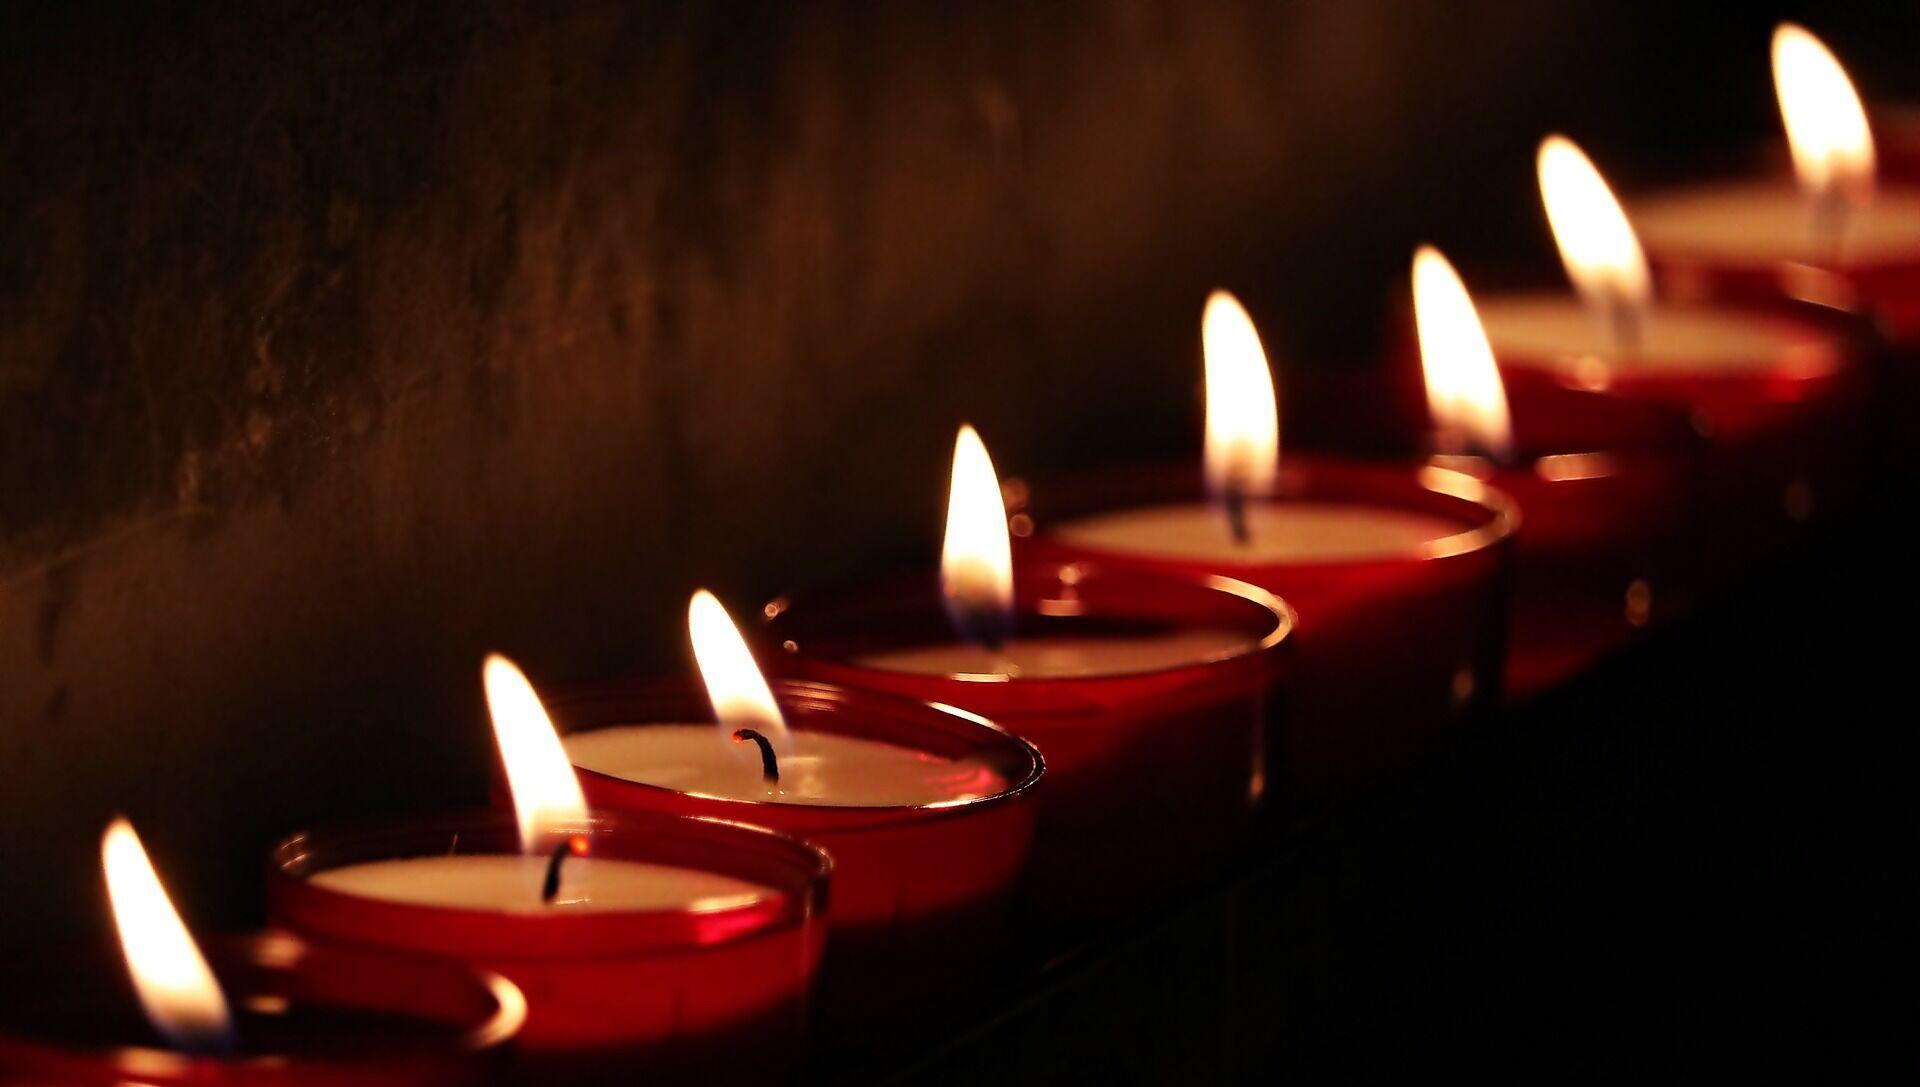 6 апреля верующие отмечают Предпразднство Благовещения Пресвятой Богородицы